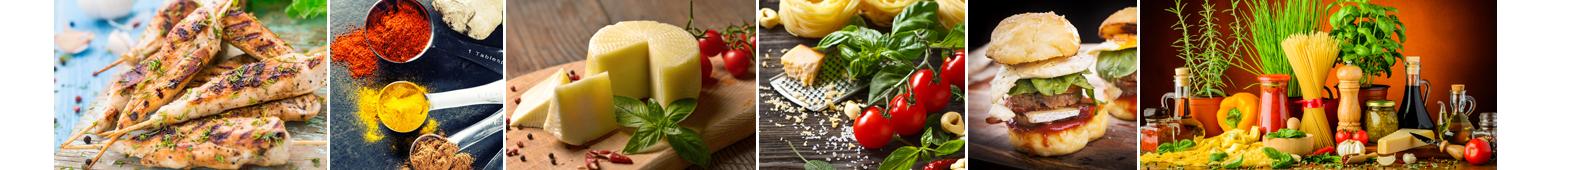 grossiste alimentaire halal paris